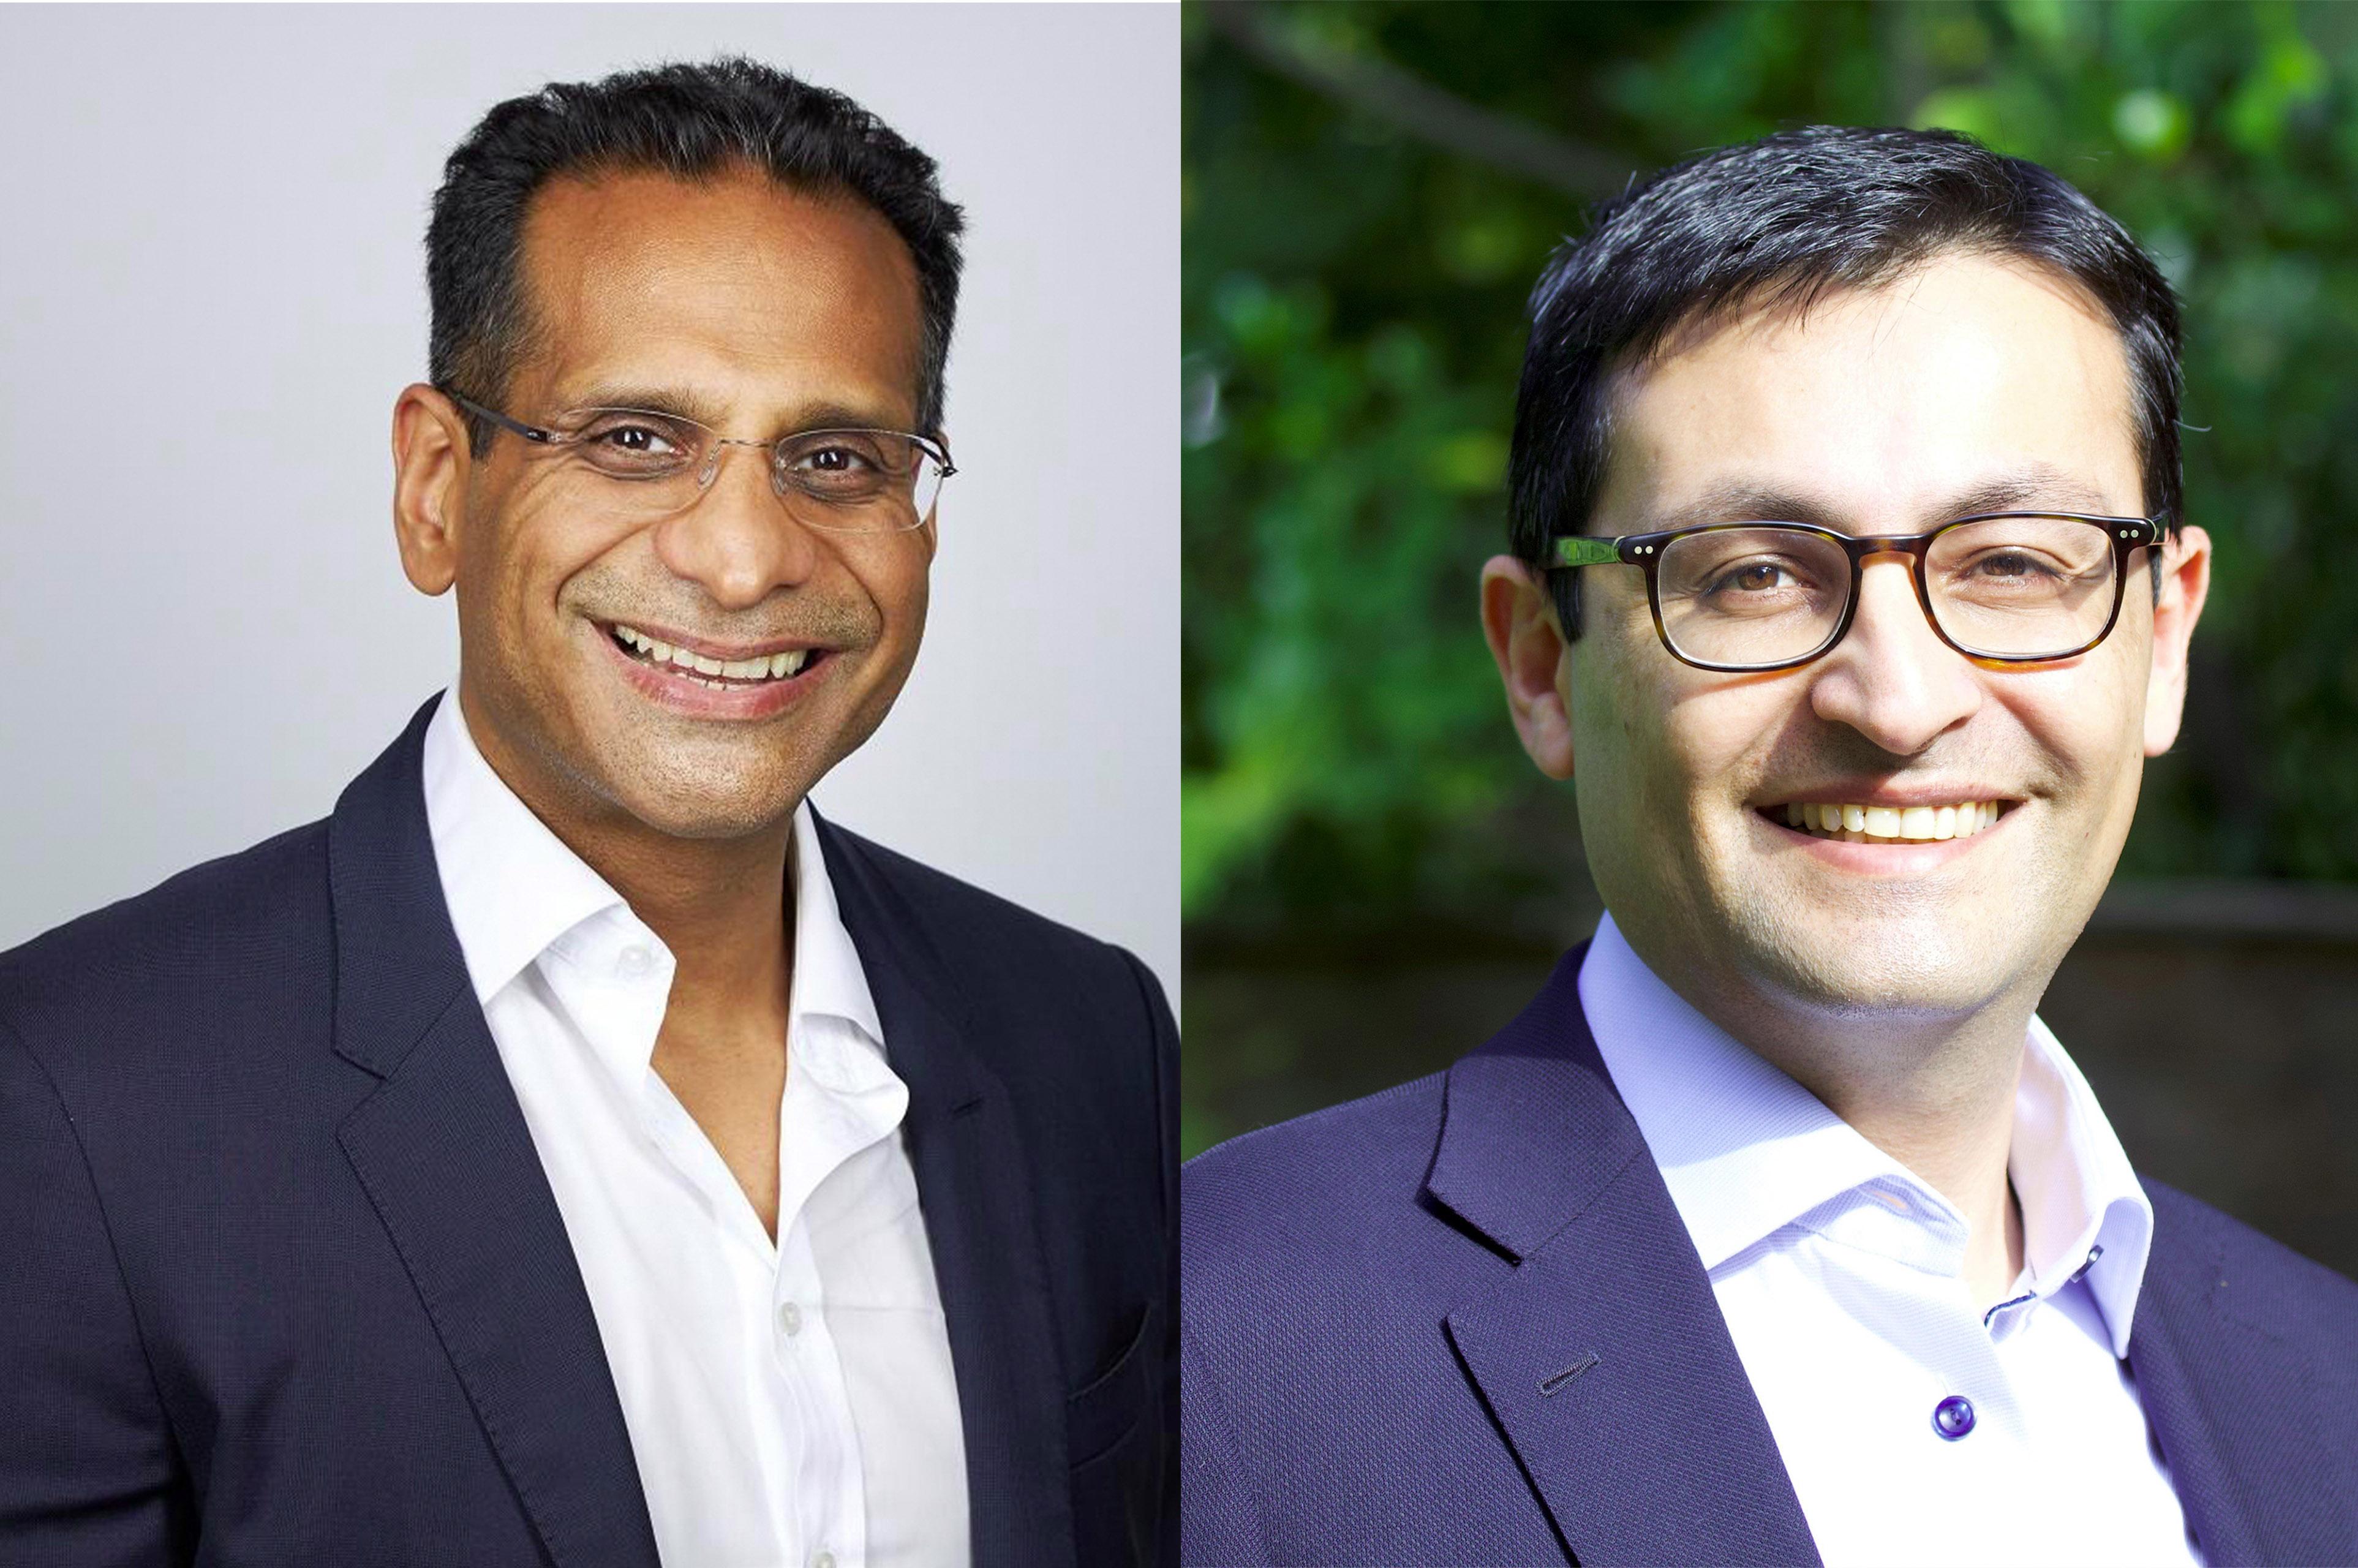 Faisal Lalani and Jamil Mawji